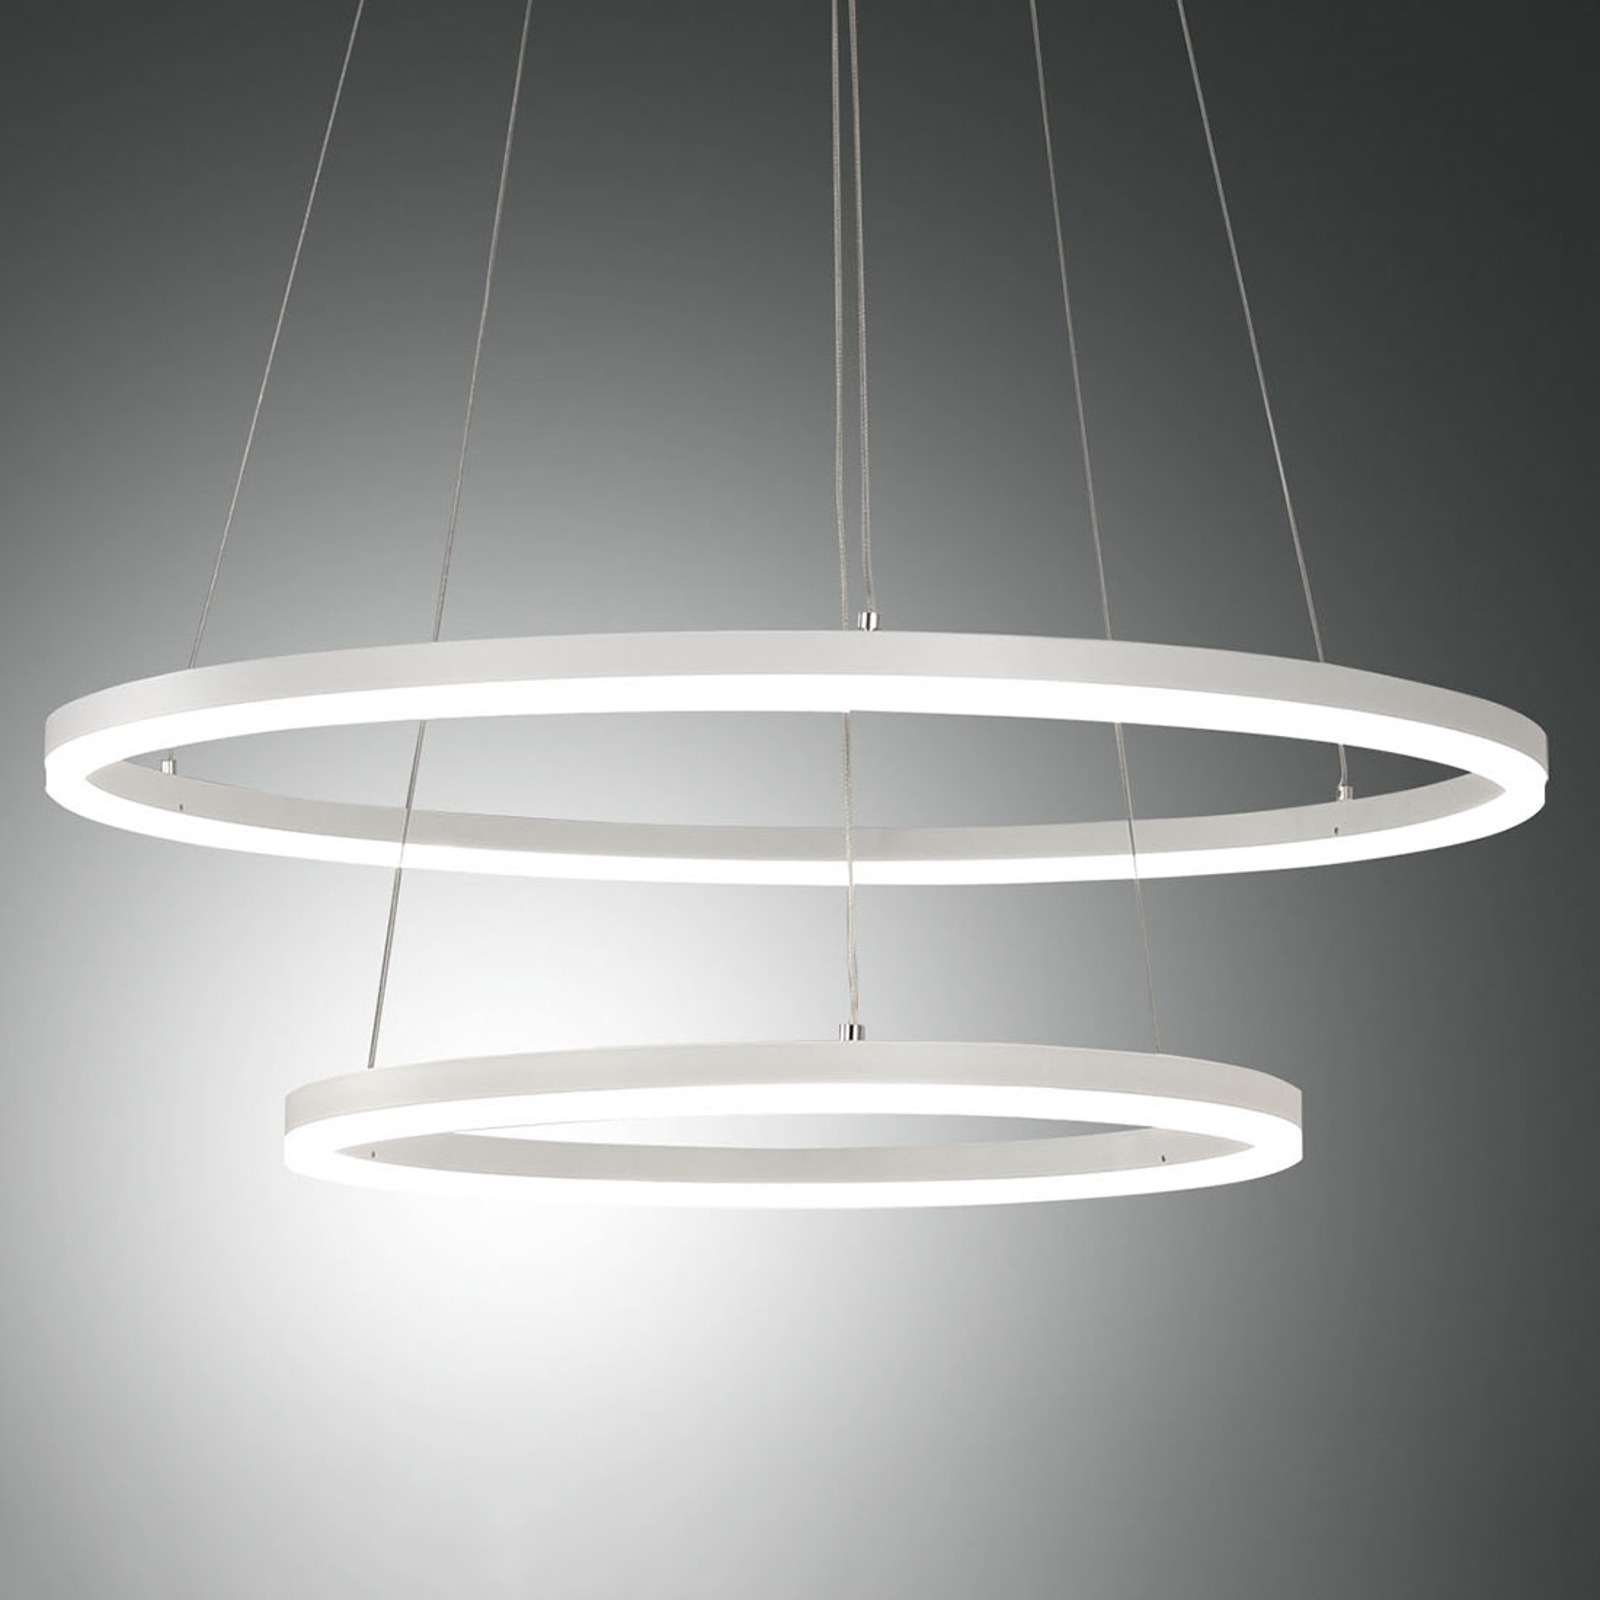 Lampa wisząca LED Giotto, 2-punktowa, biała